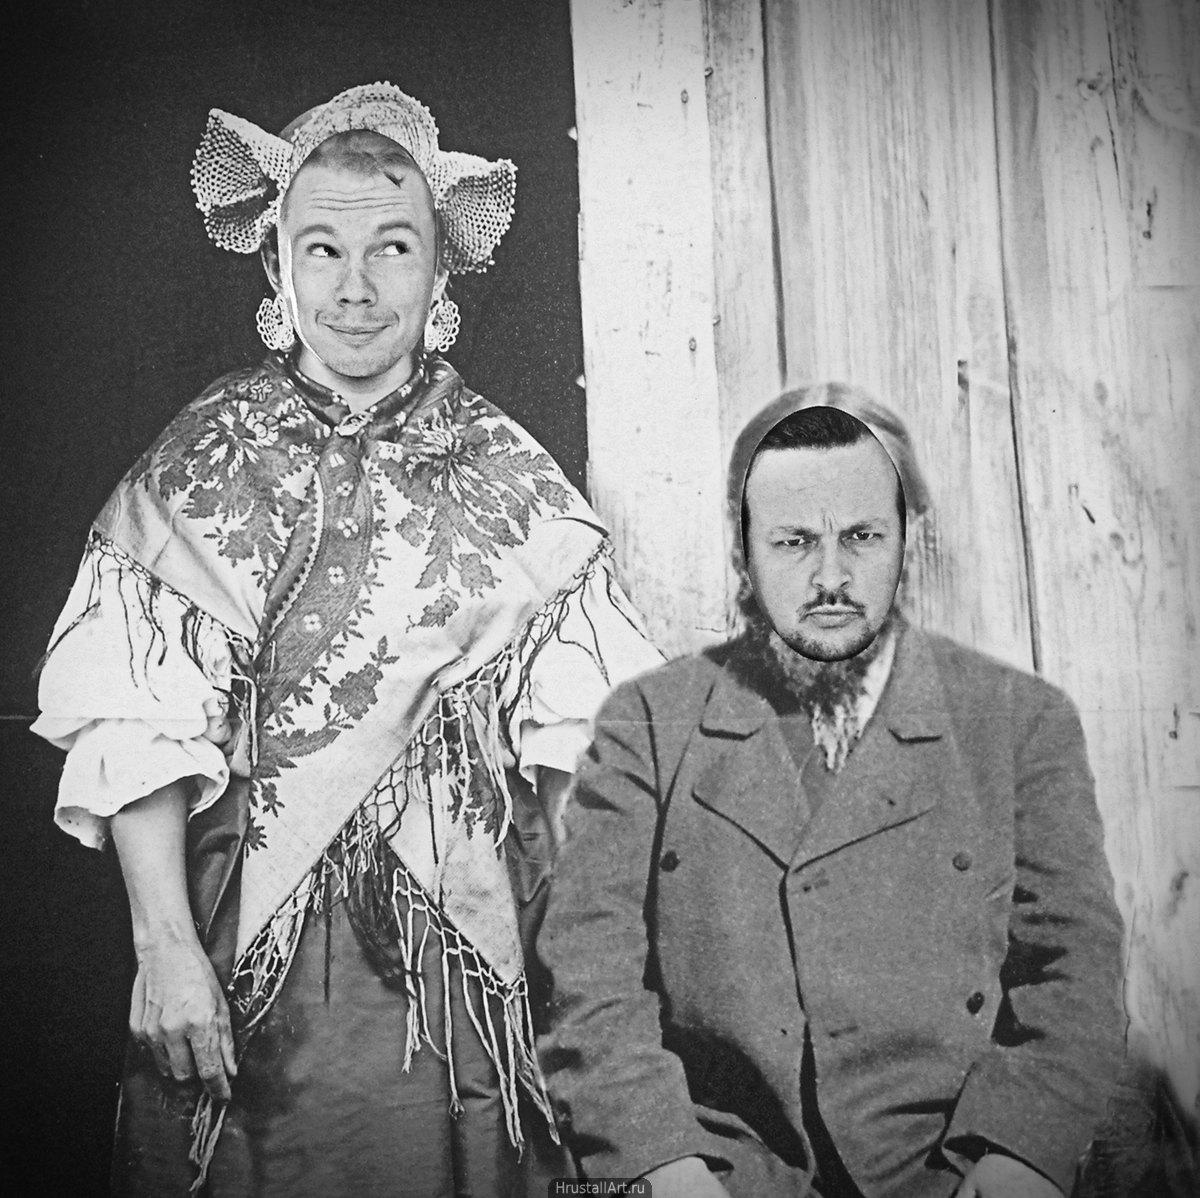 2005, «Семья карельских крестьян», фото: Дмитрий Хрусталёв, Музей «Кижи», Петрозаводск